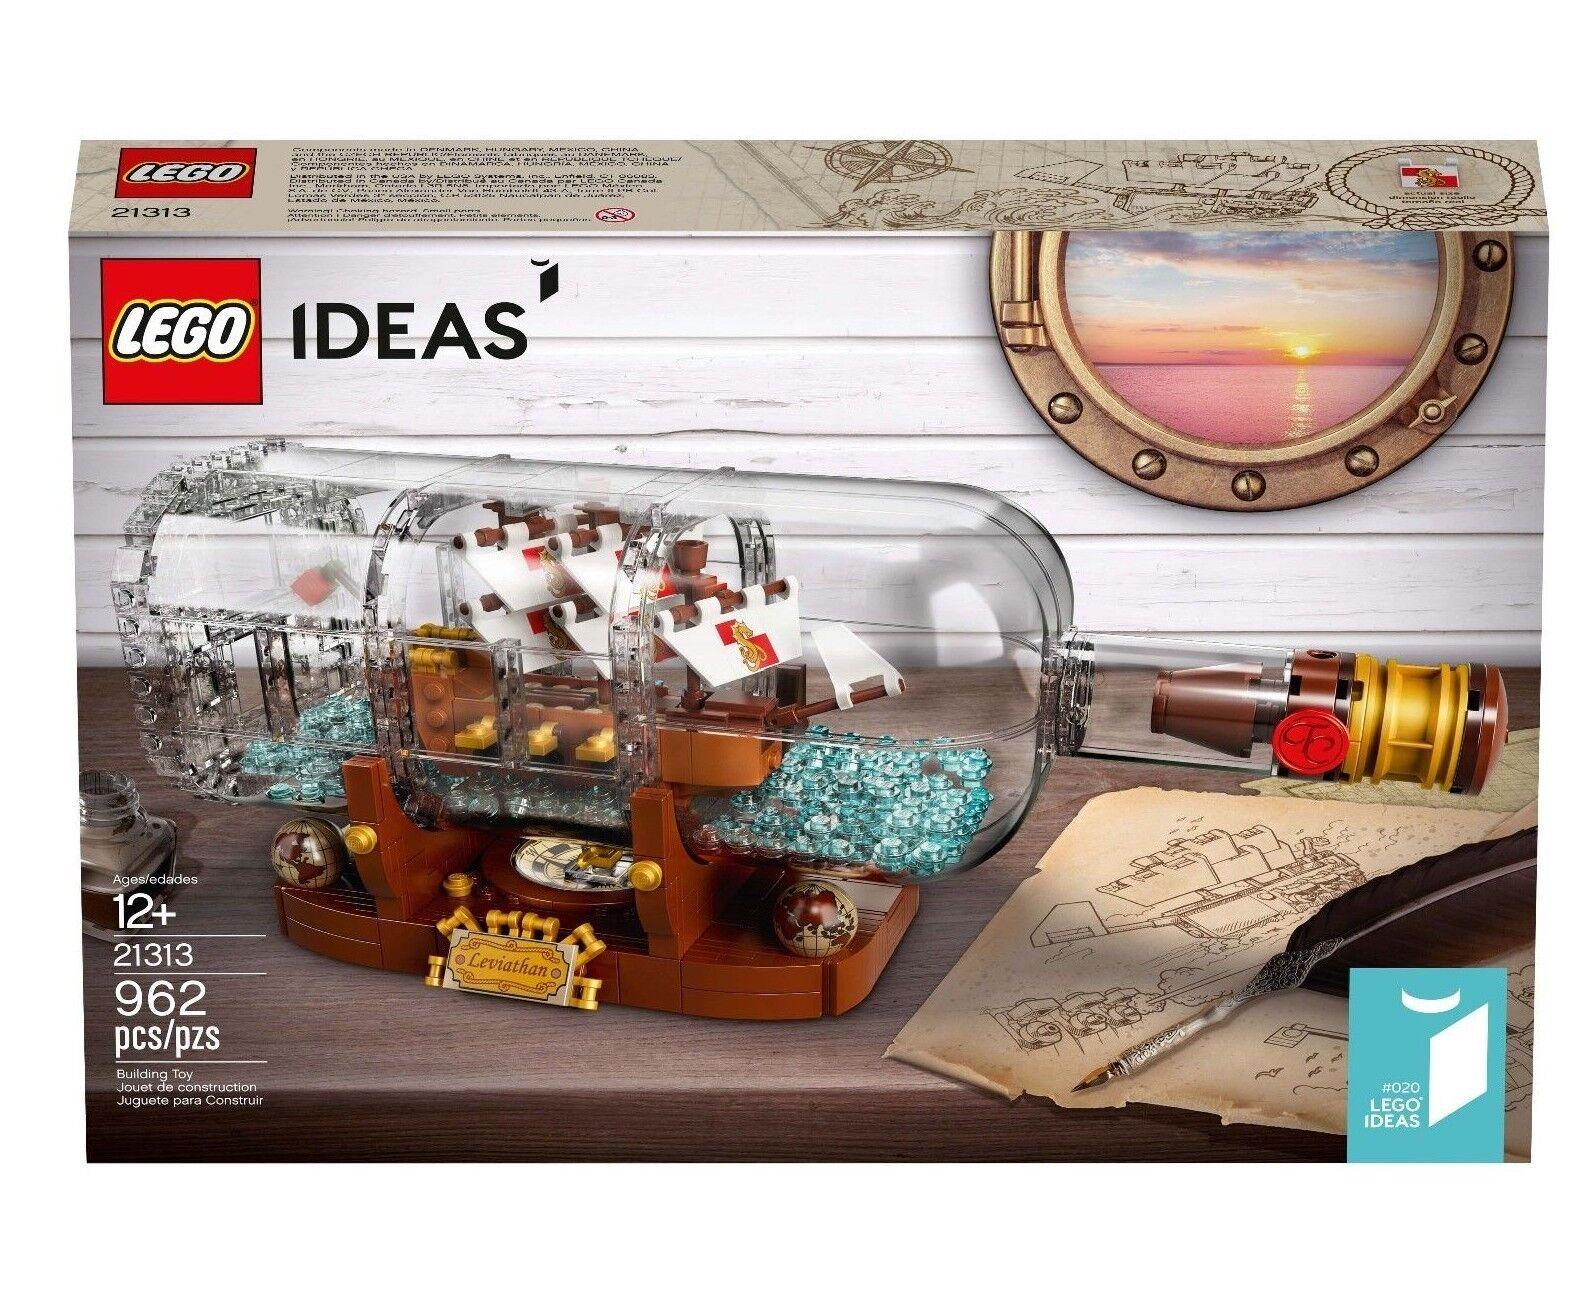 Lego Nave en un Botellas Conjunto 21313 Ideas  020 Nuevo Sellado